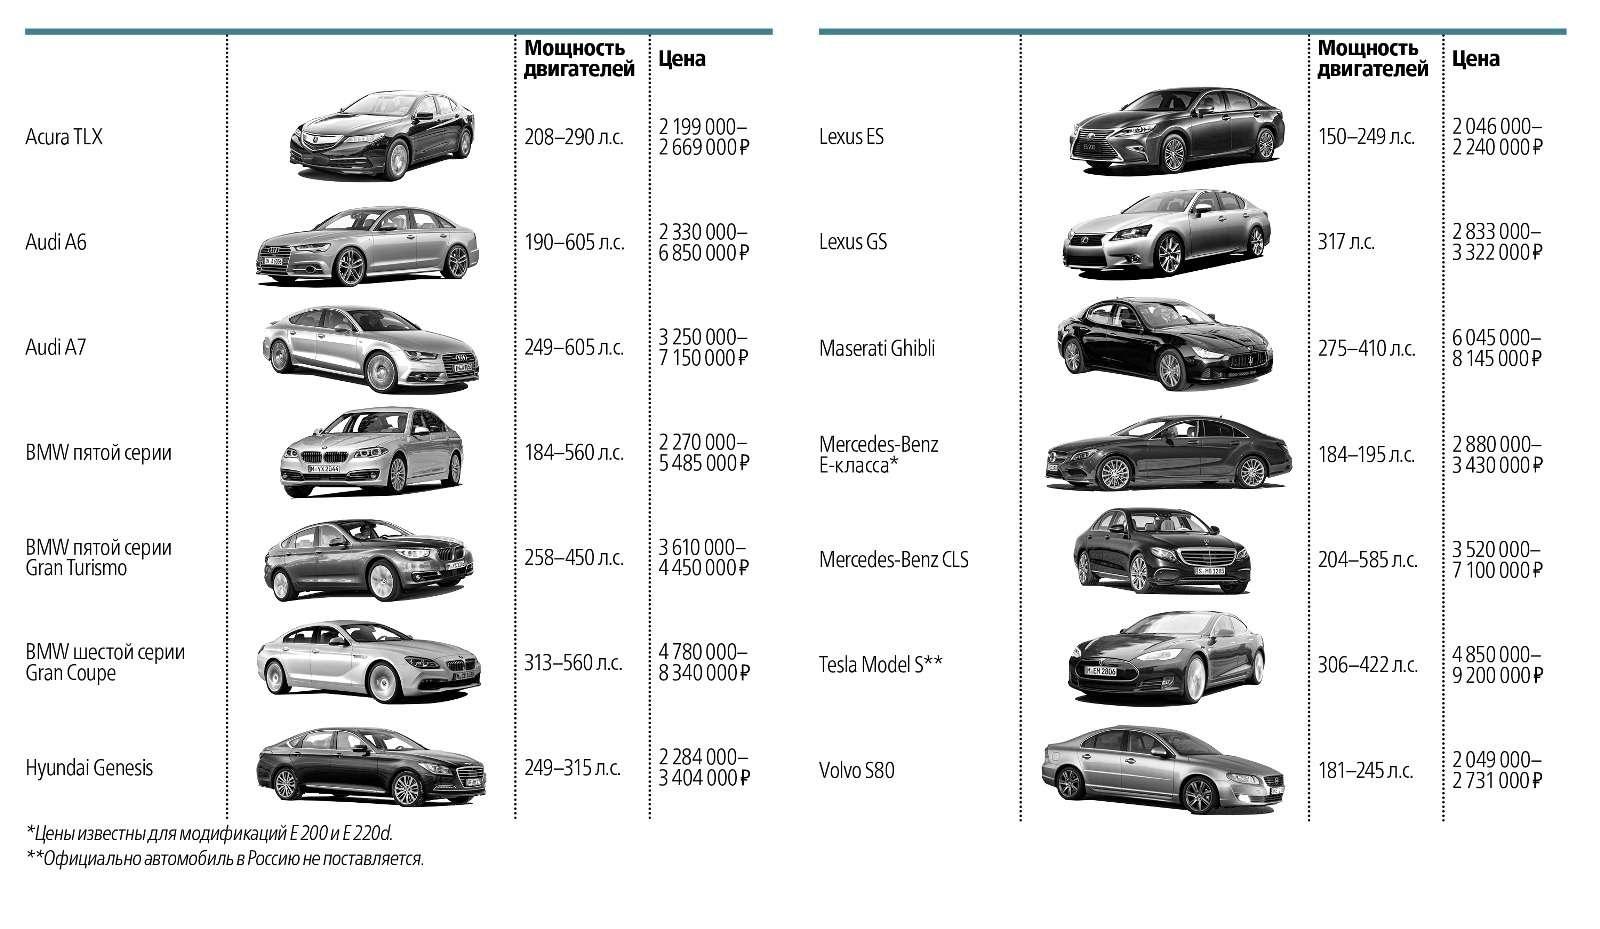 Схватка бизнес-седанов: новый Jaguar XFпротив Infiniti Q70и Cadillac CTS— фото 574927